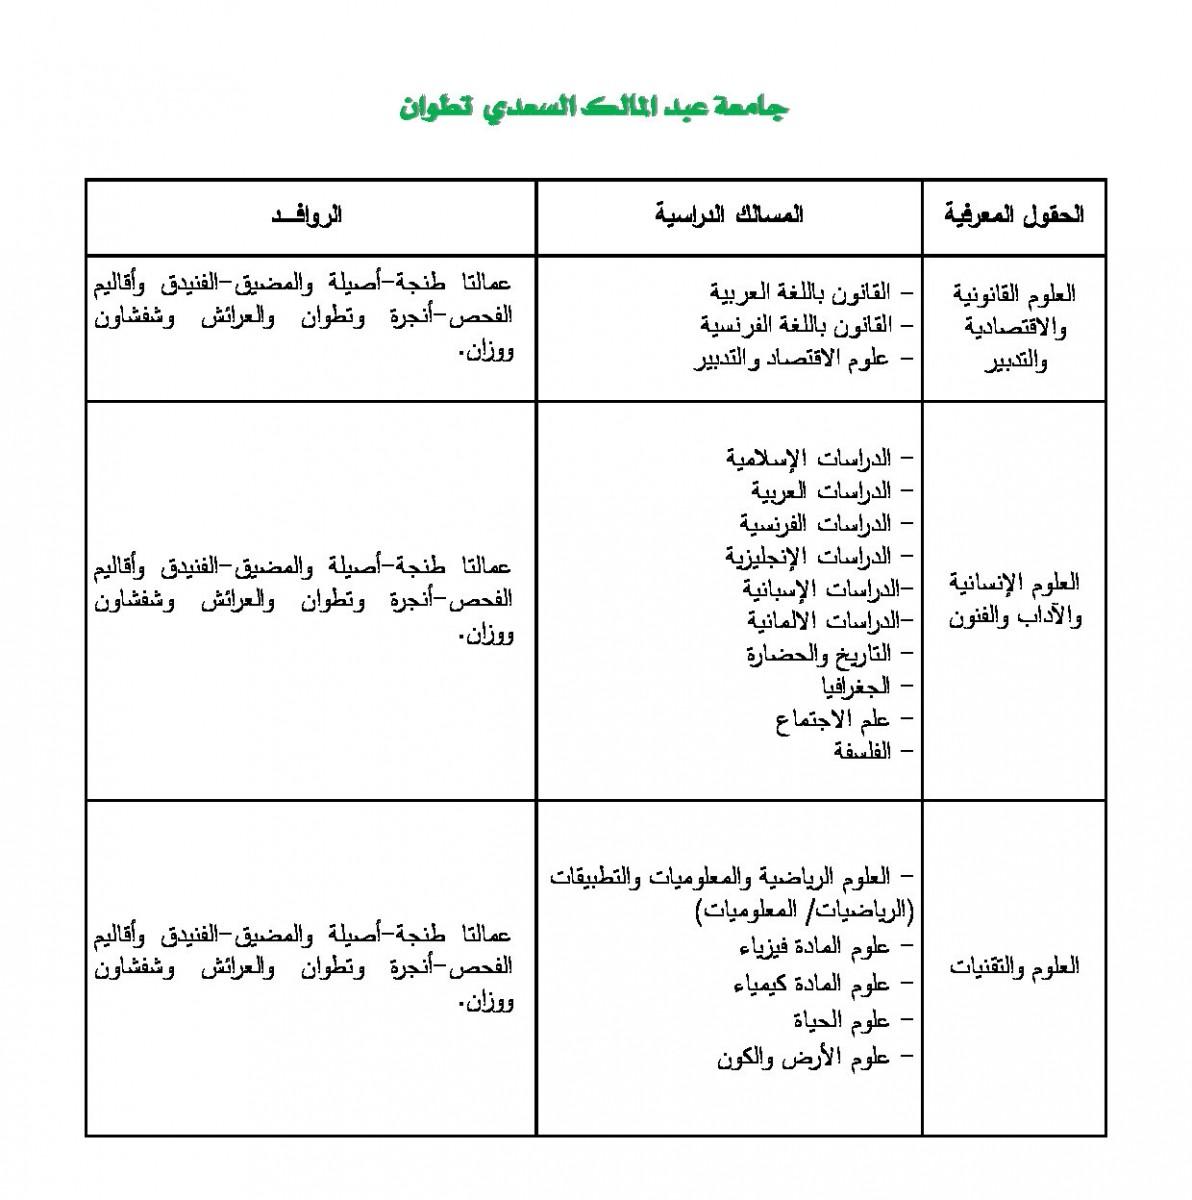 التسجيل الأولي بالكليات التابعة لجامعة عبد المالك السعدي بطنجة تطوان 2014 Fjh10